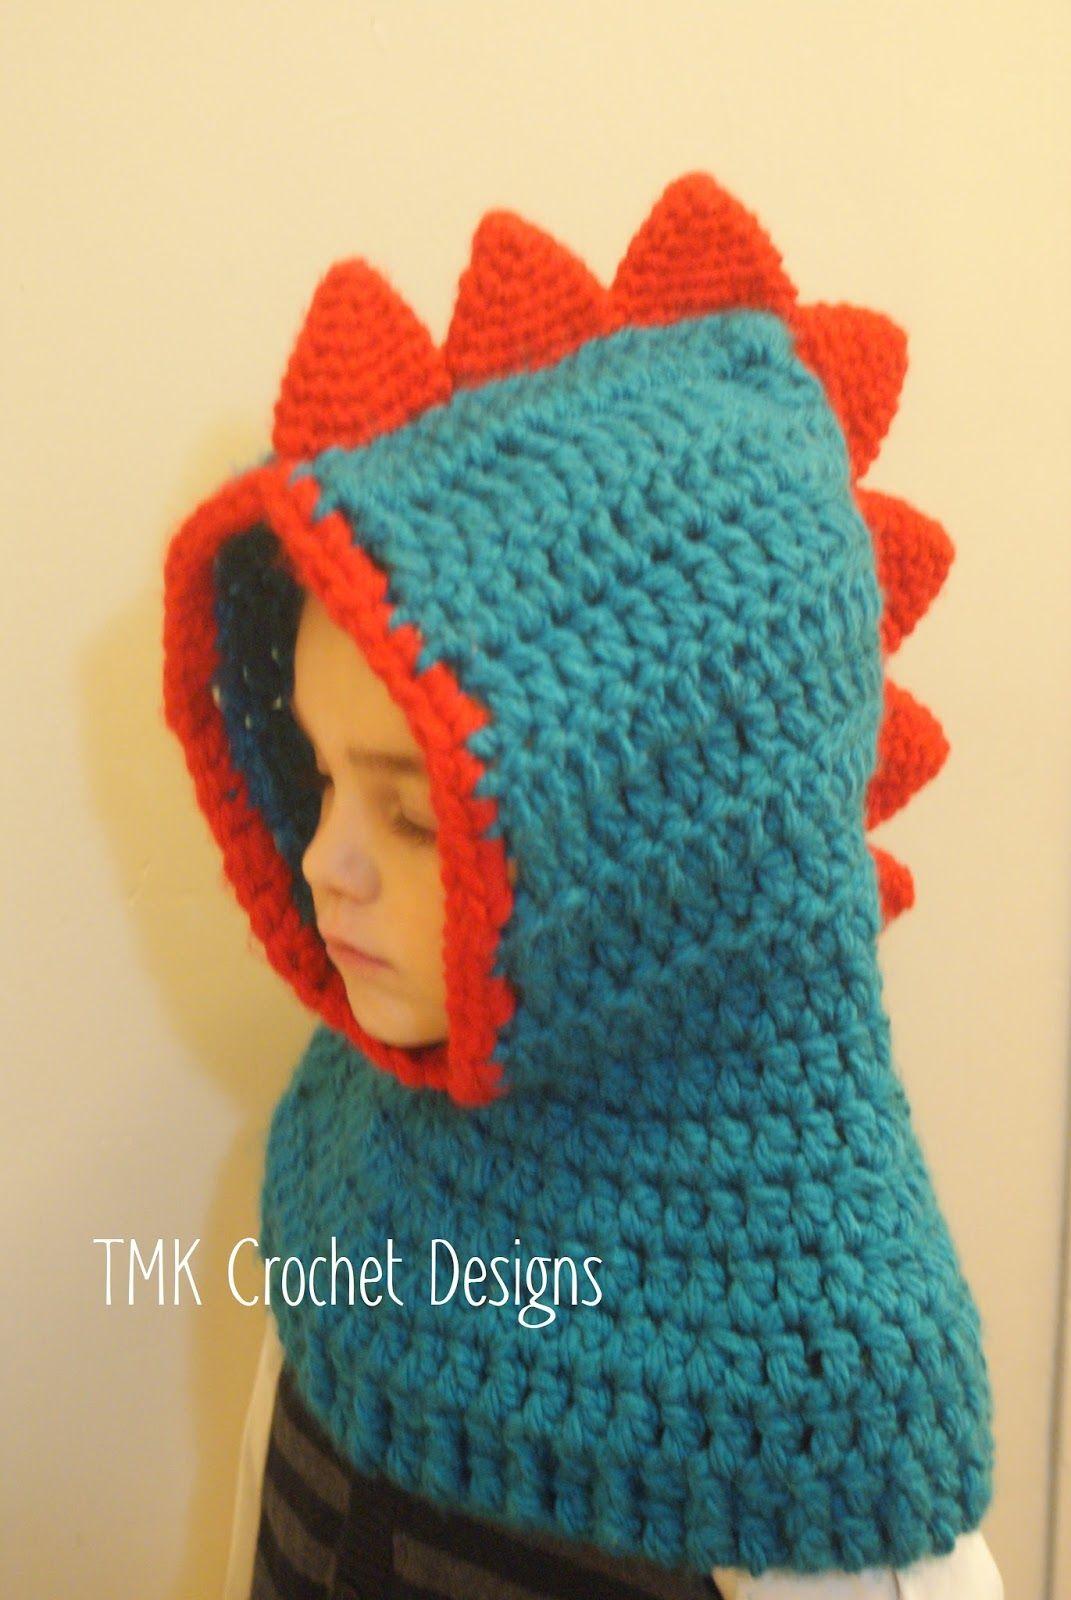 TMK crochet: Crochet Hooded Dino Cowl Pattern Giveaway …   Crochet …